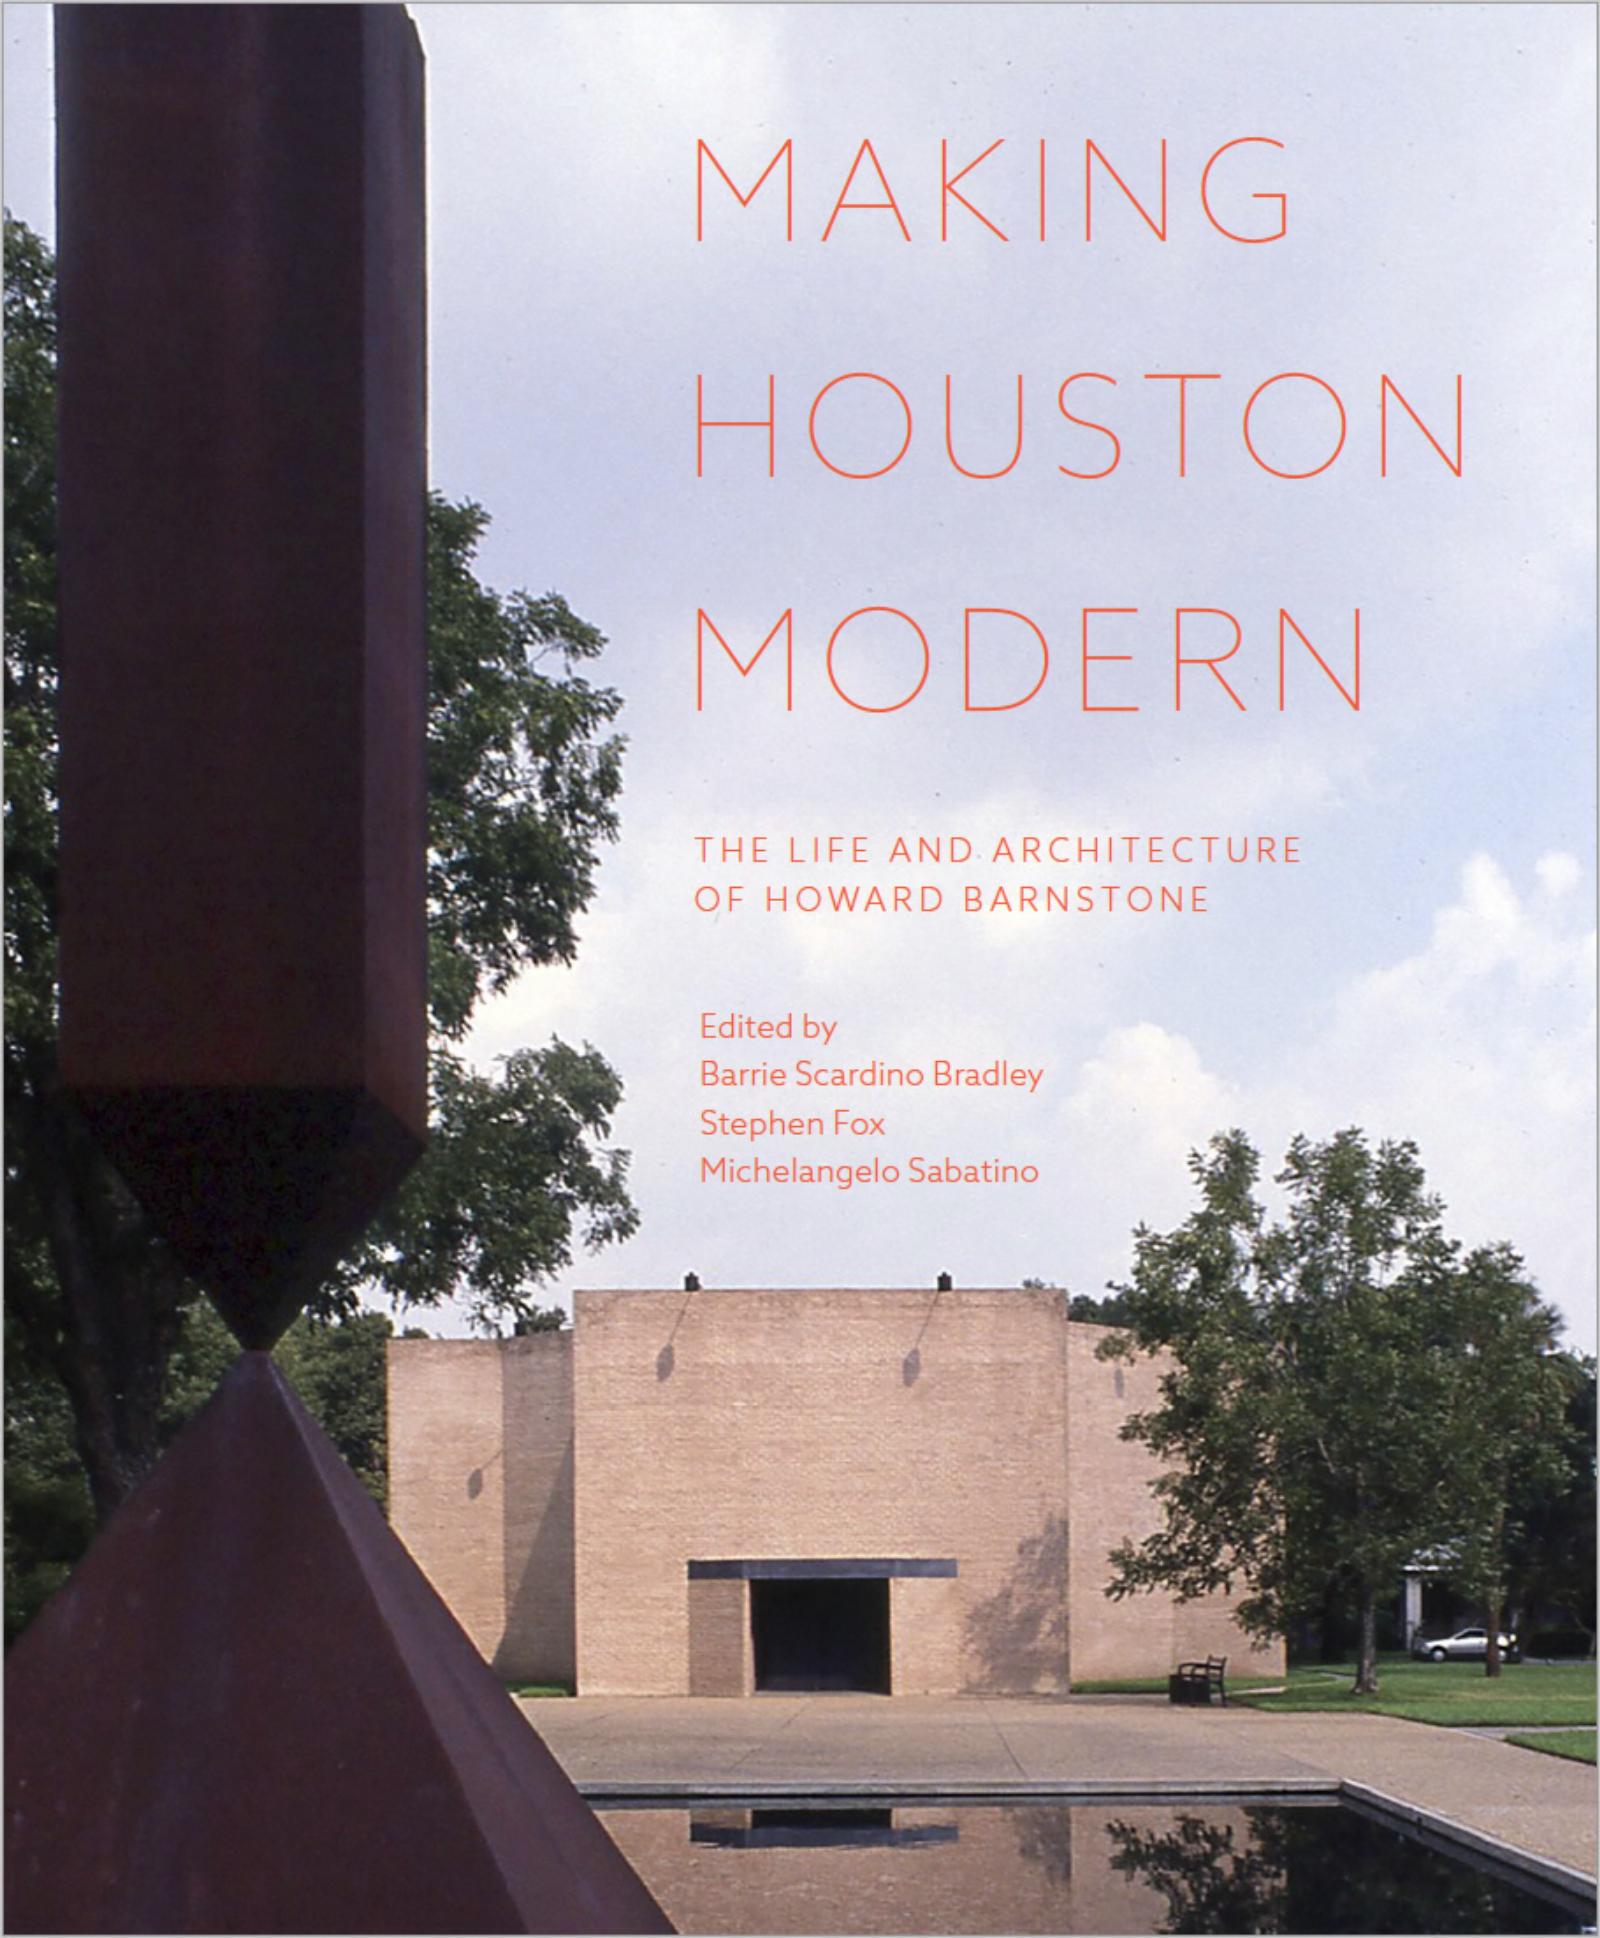 making houston modern cover